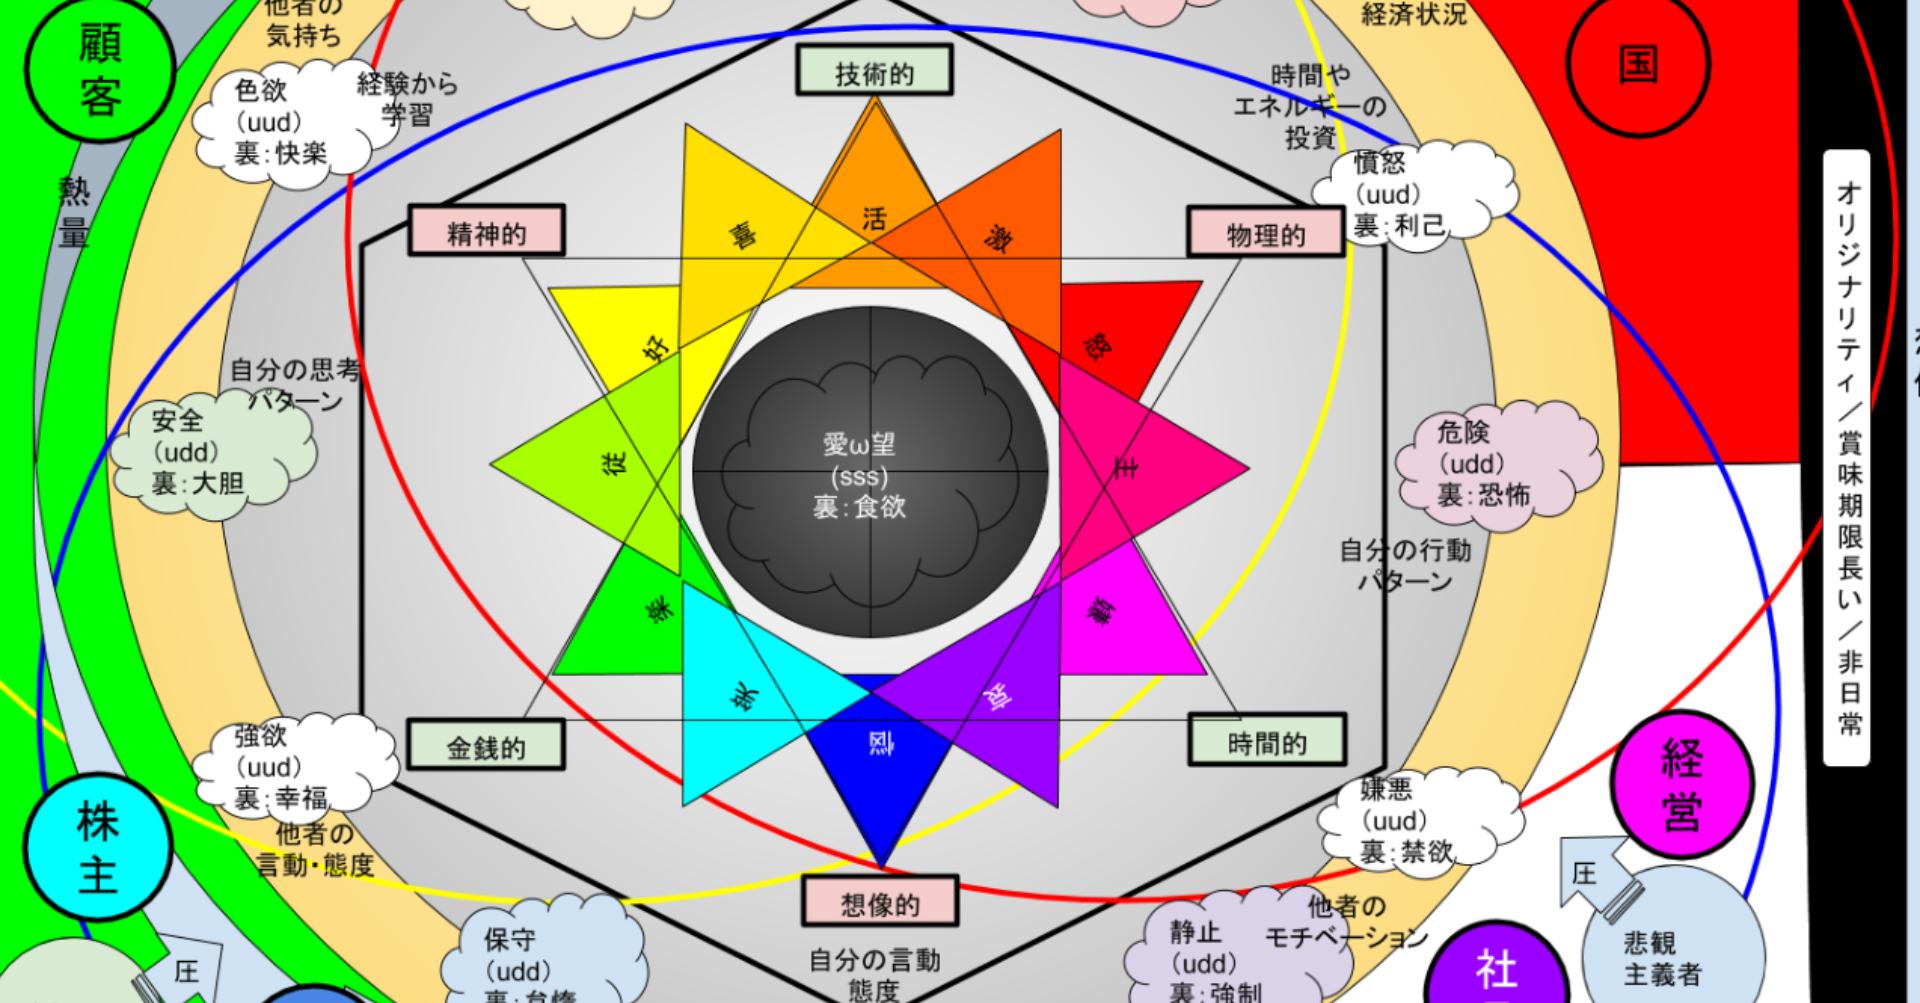 感情グラフのゆとり六角形配置変換